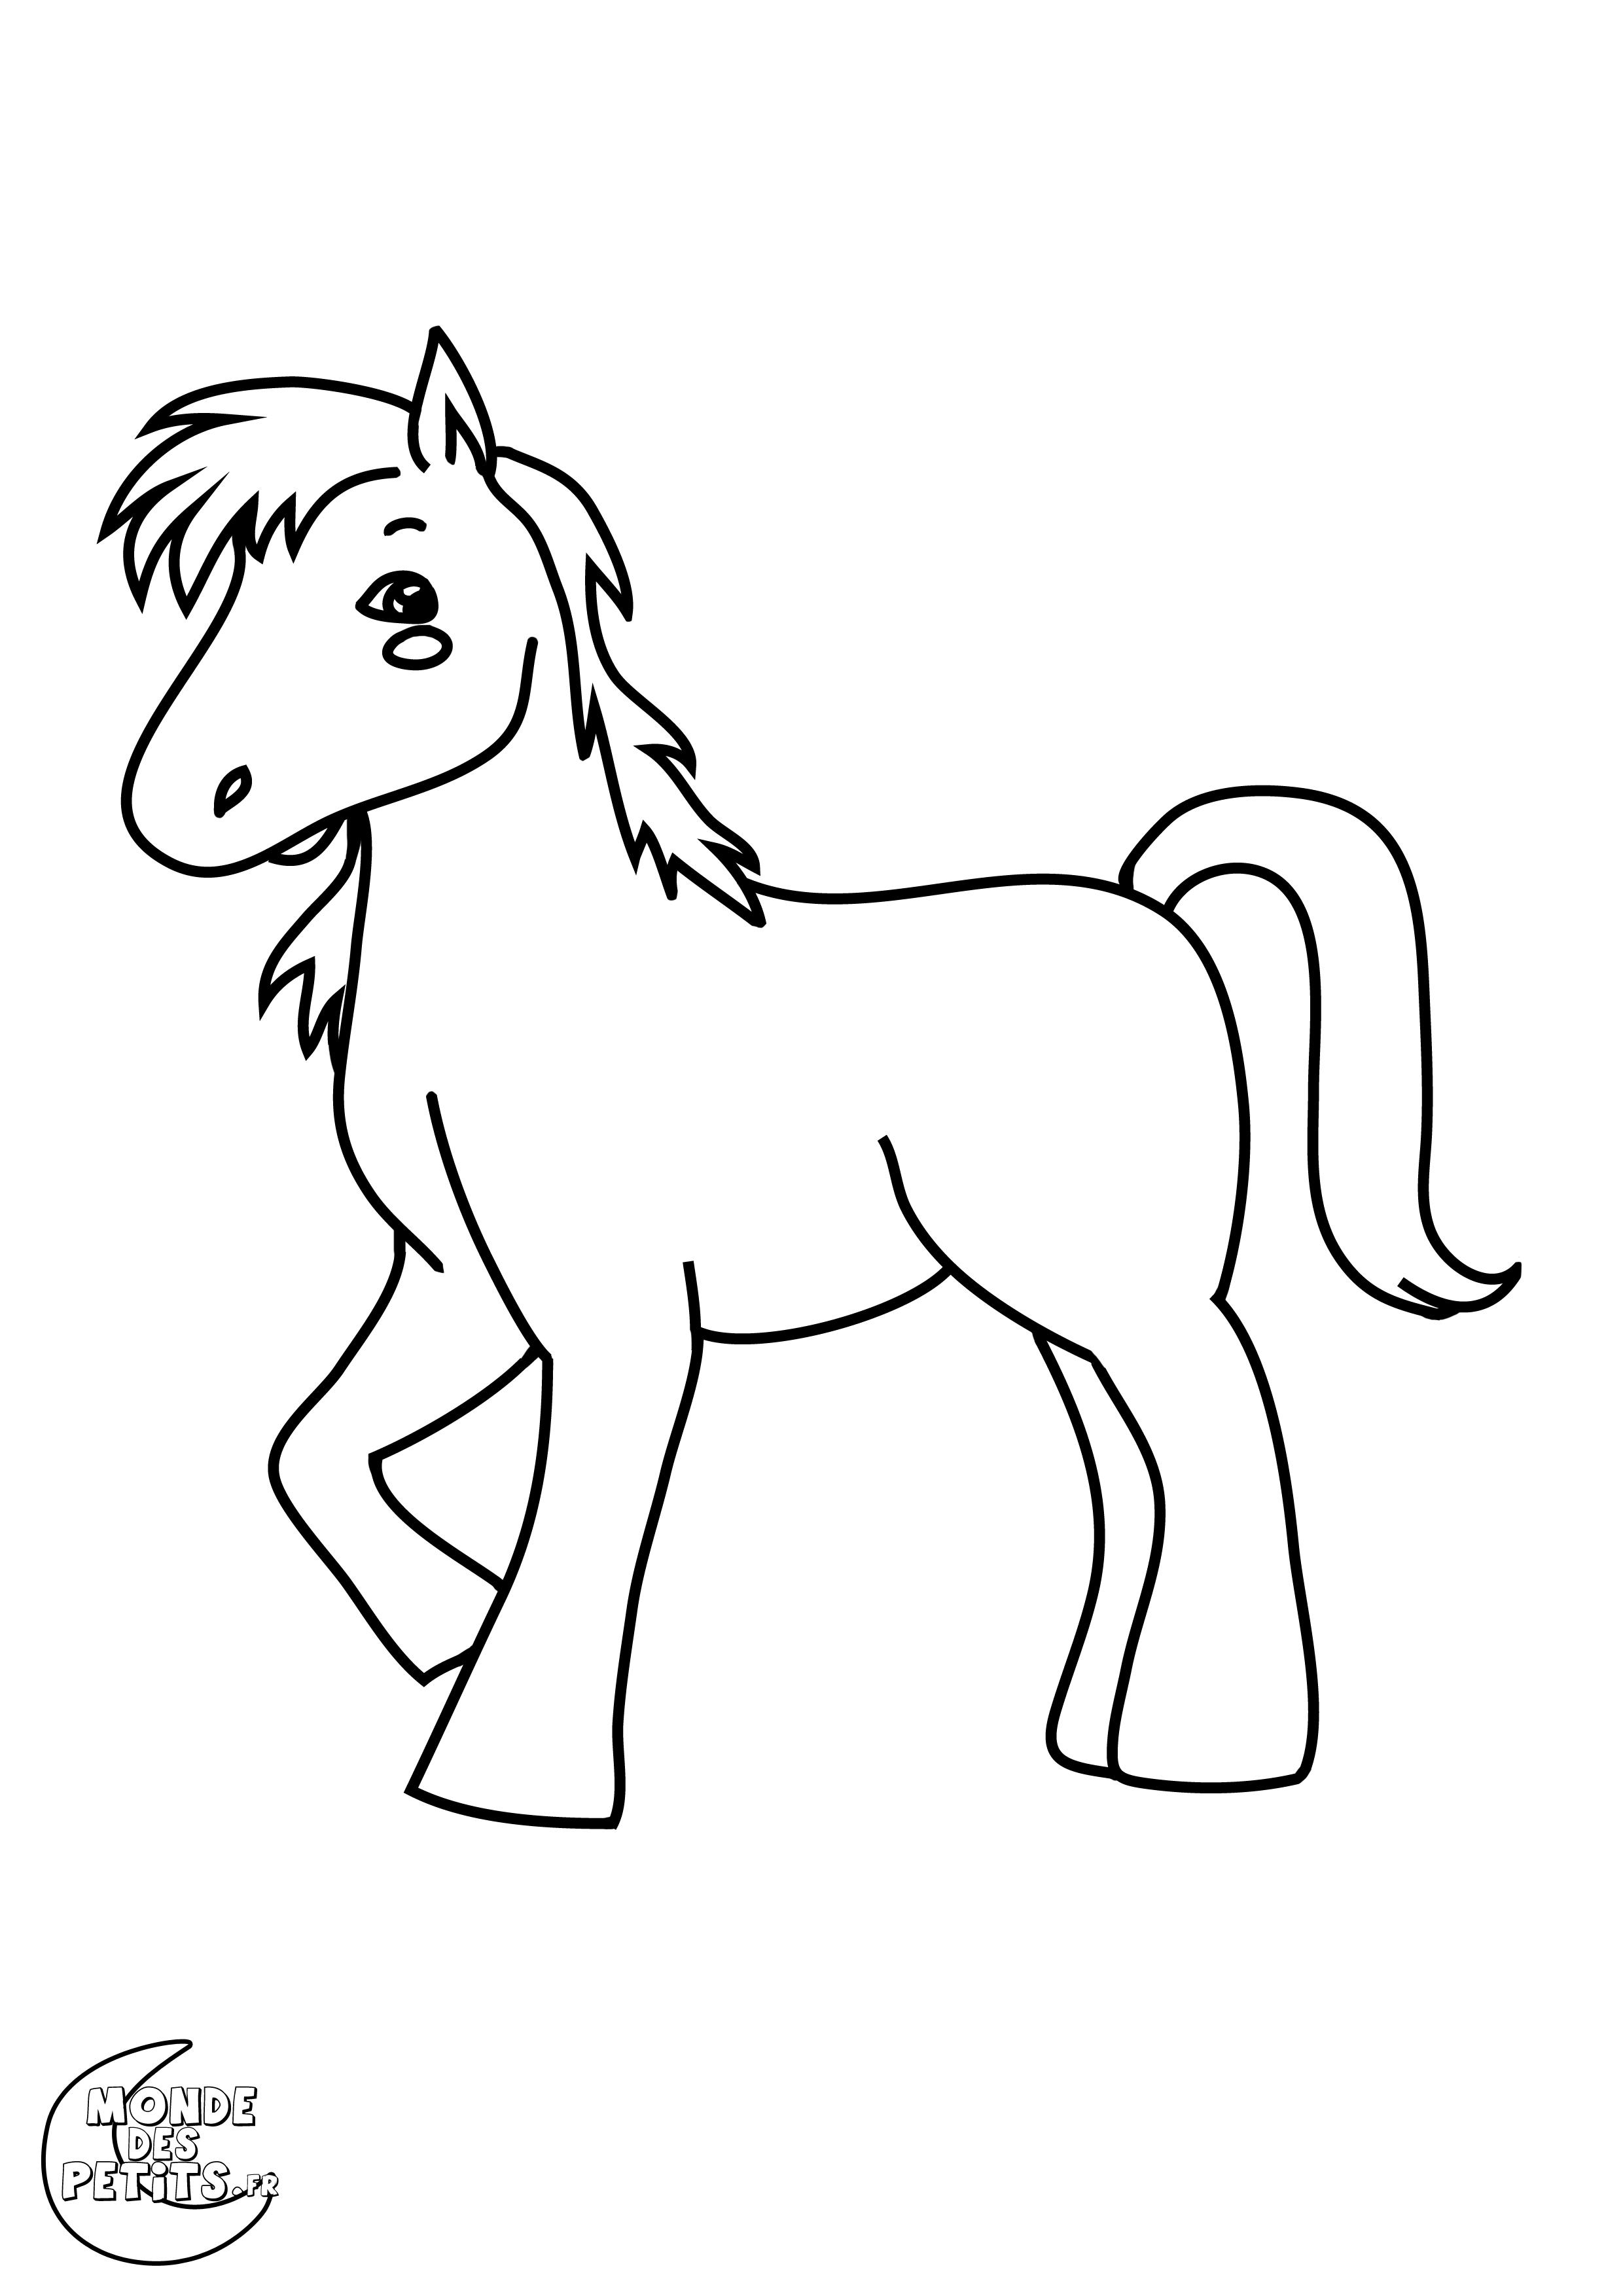 Monde des petits coloriages imprimer - Coloriages cheval ...